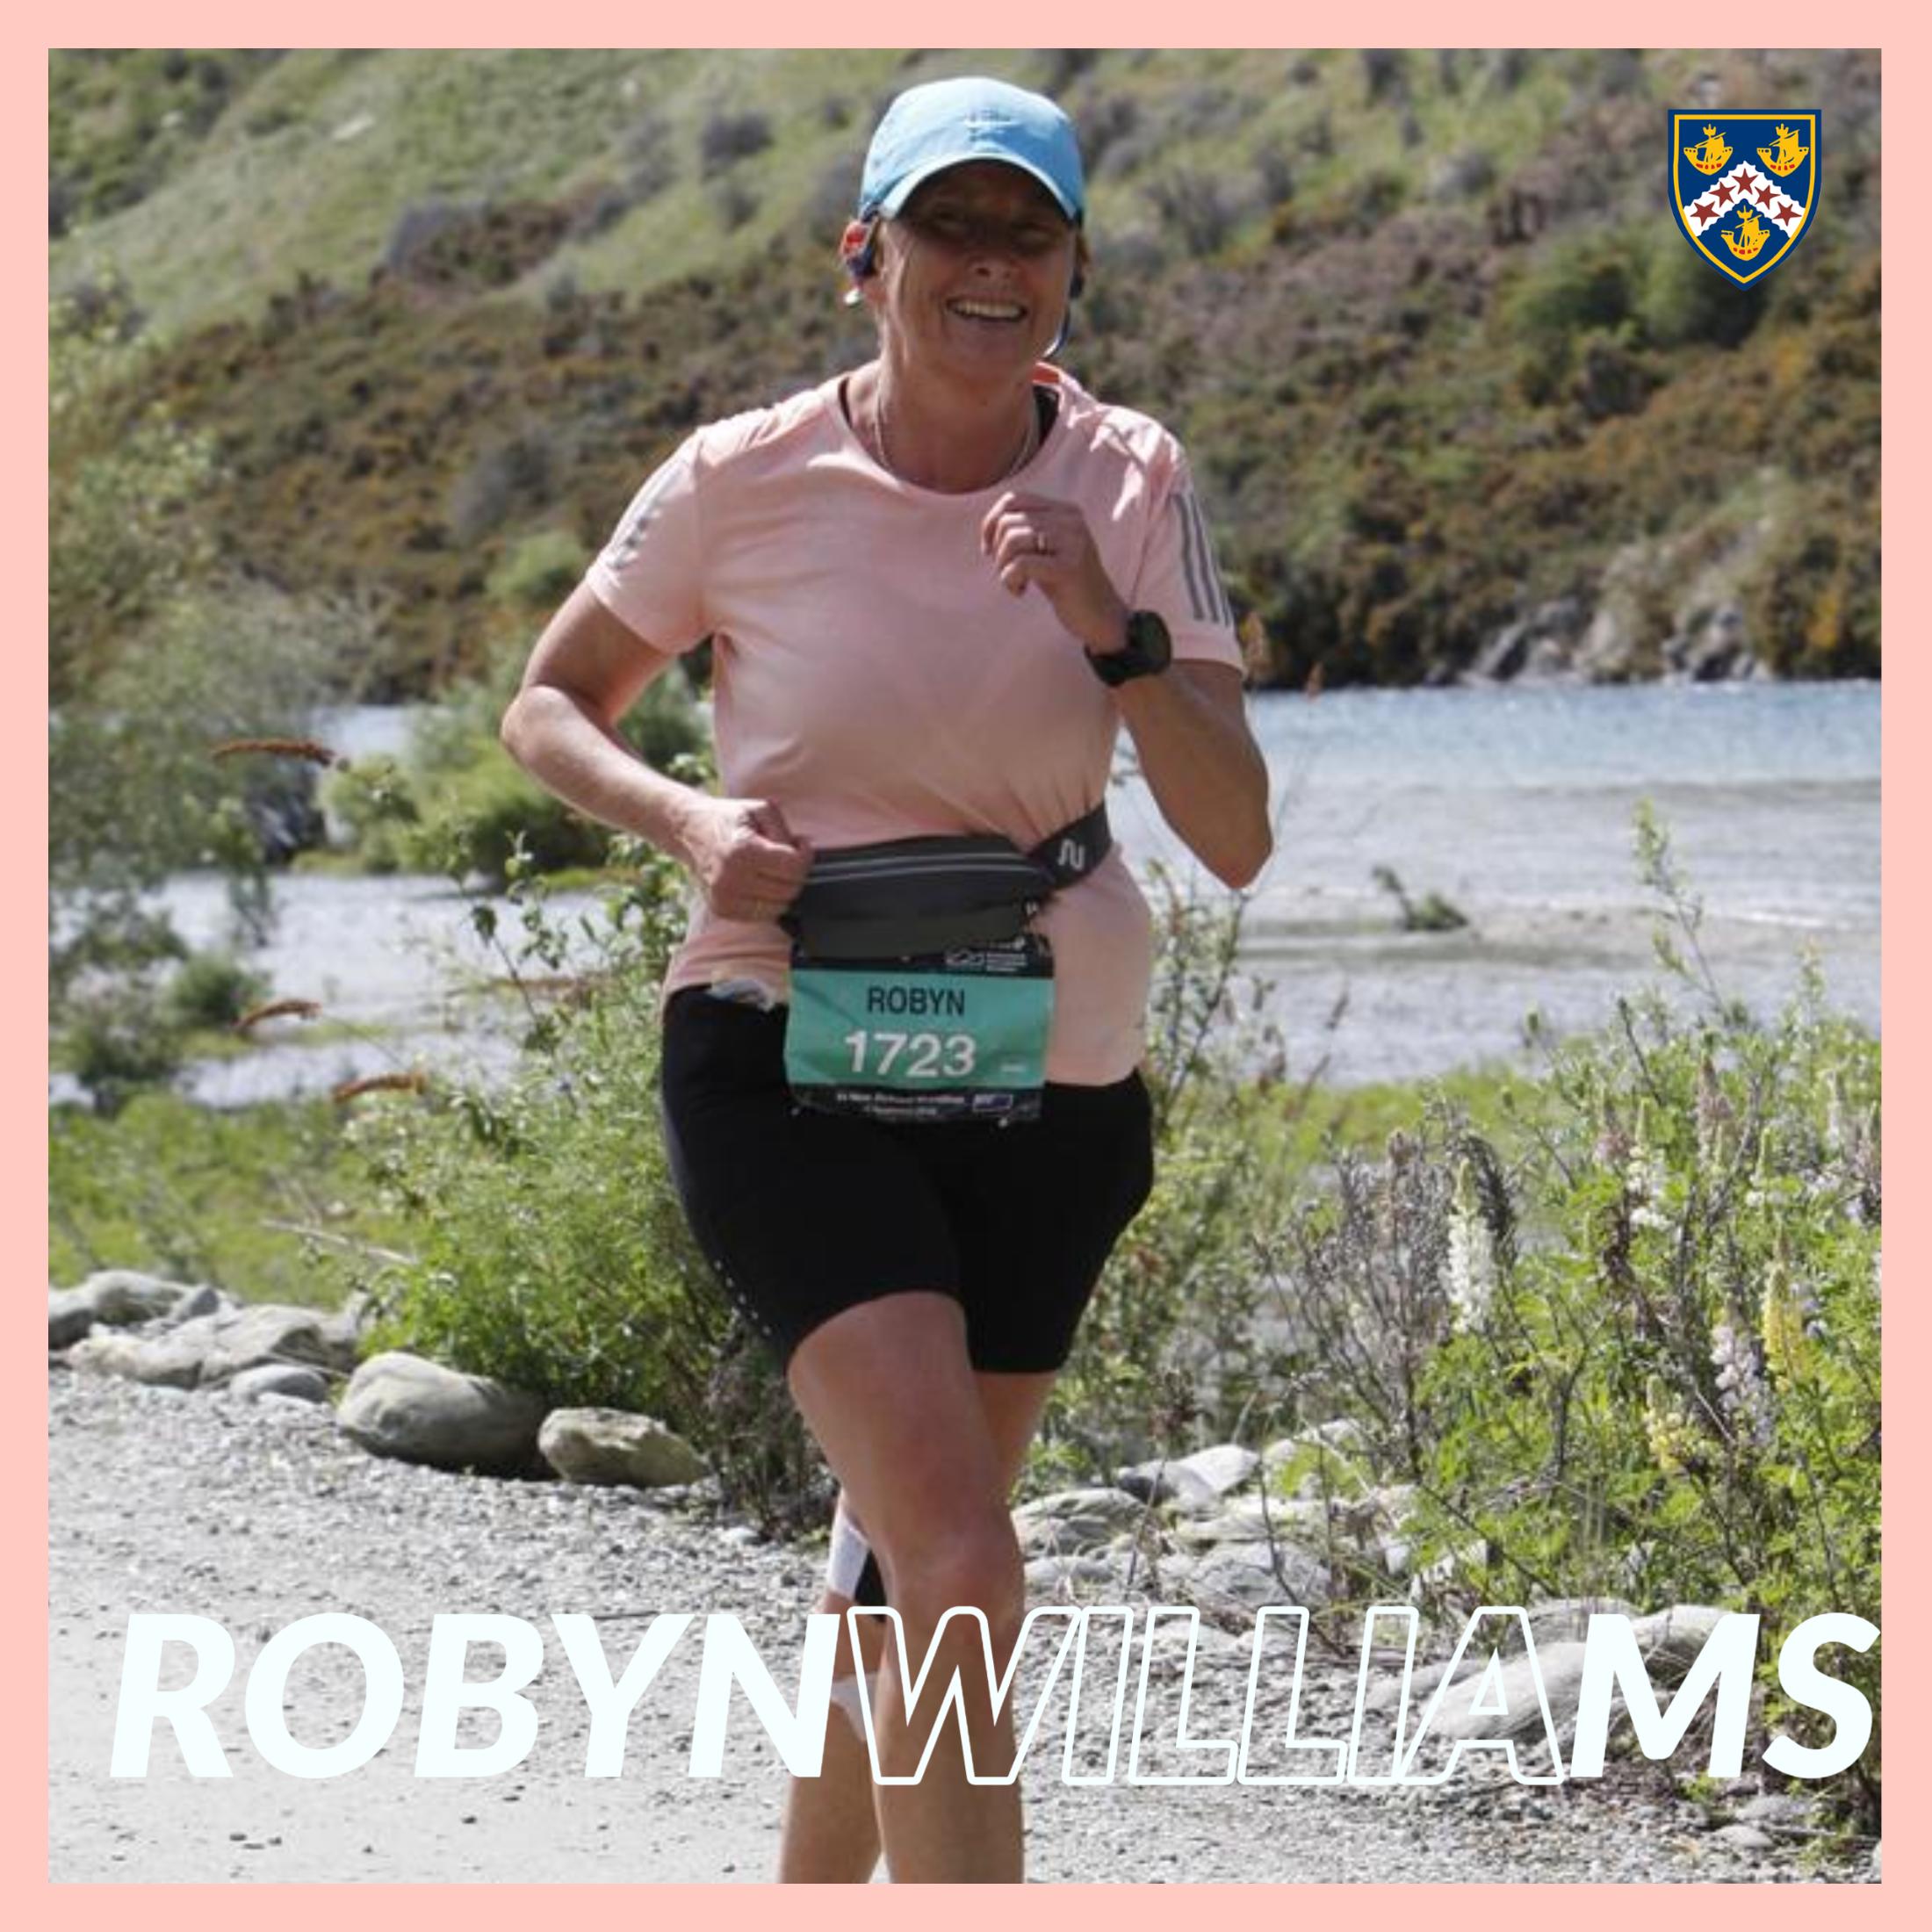 Robyn Williams